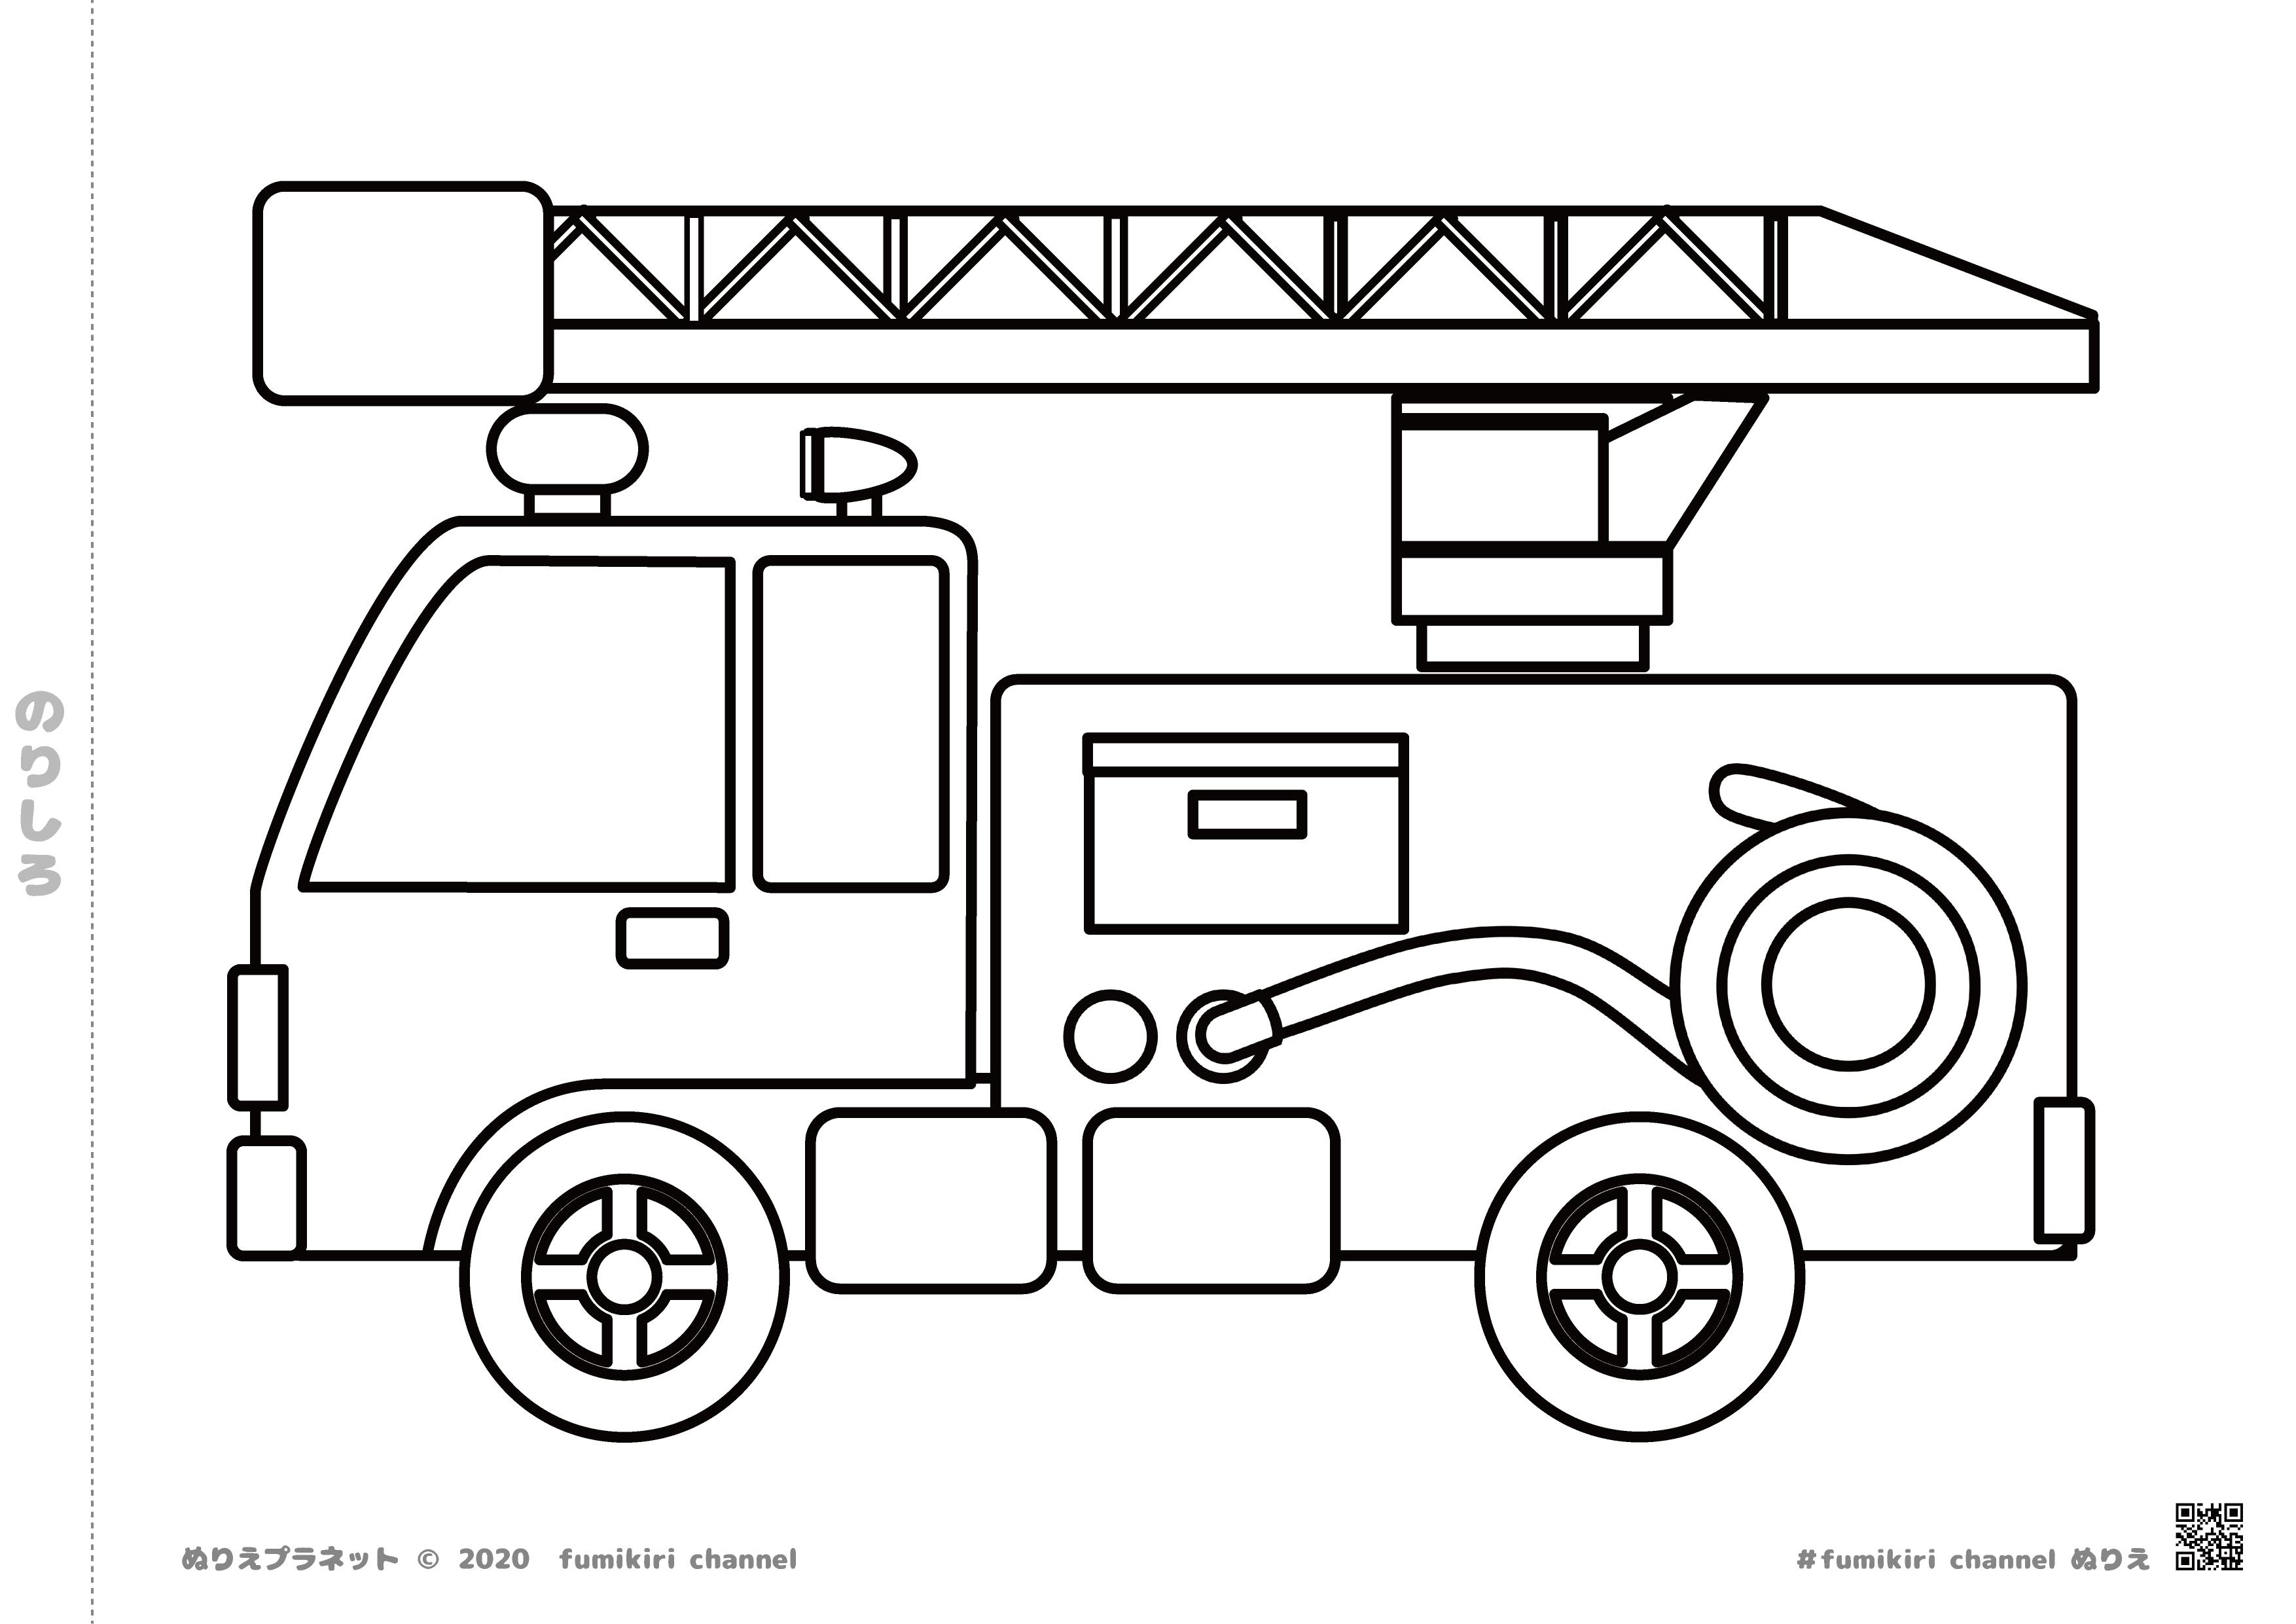 サイレンならして走っていく消防車のぬりえです。